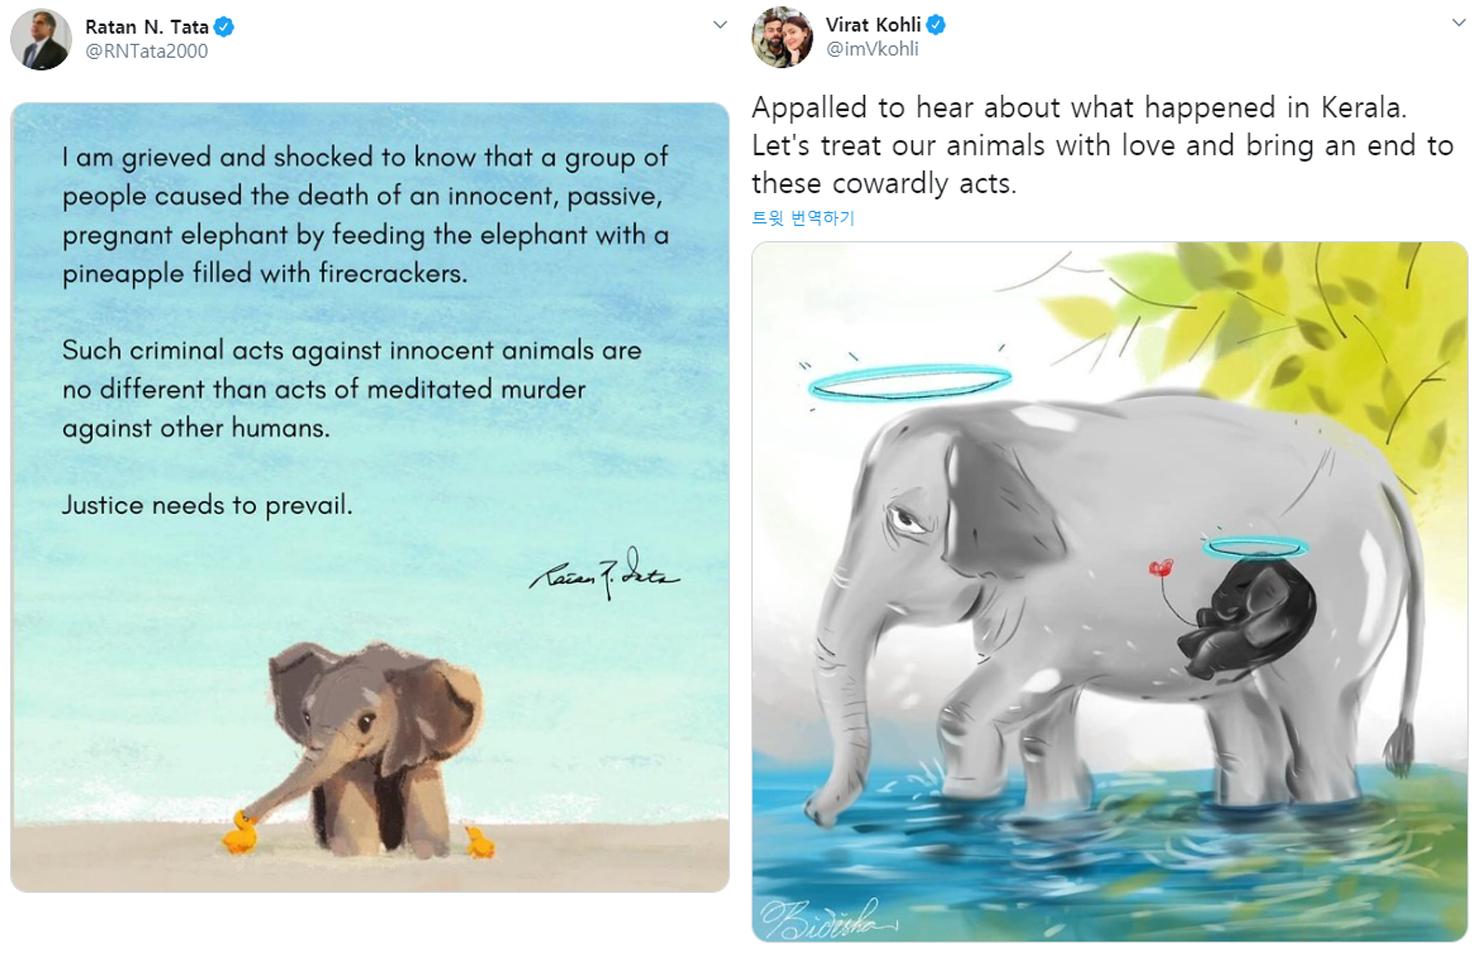 라탄 나발 타타 타타그룹 회장(왼쪽)과 인도 크리켓 스타 비라트 콜리의 트위터